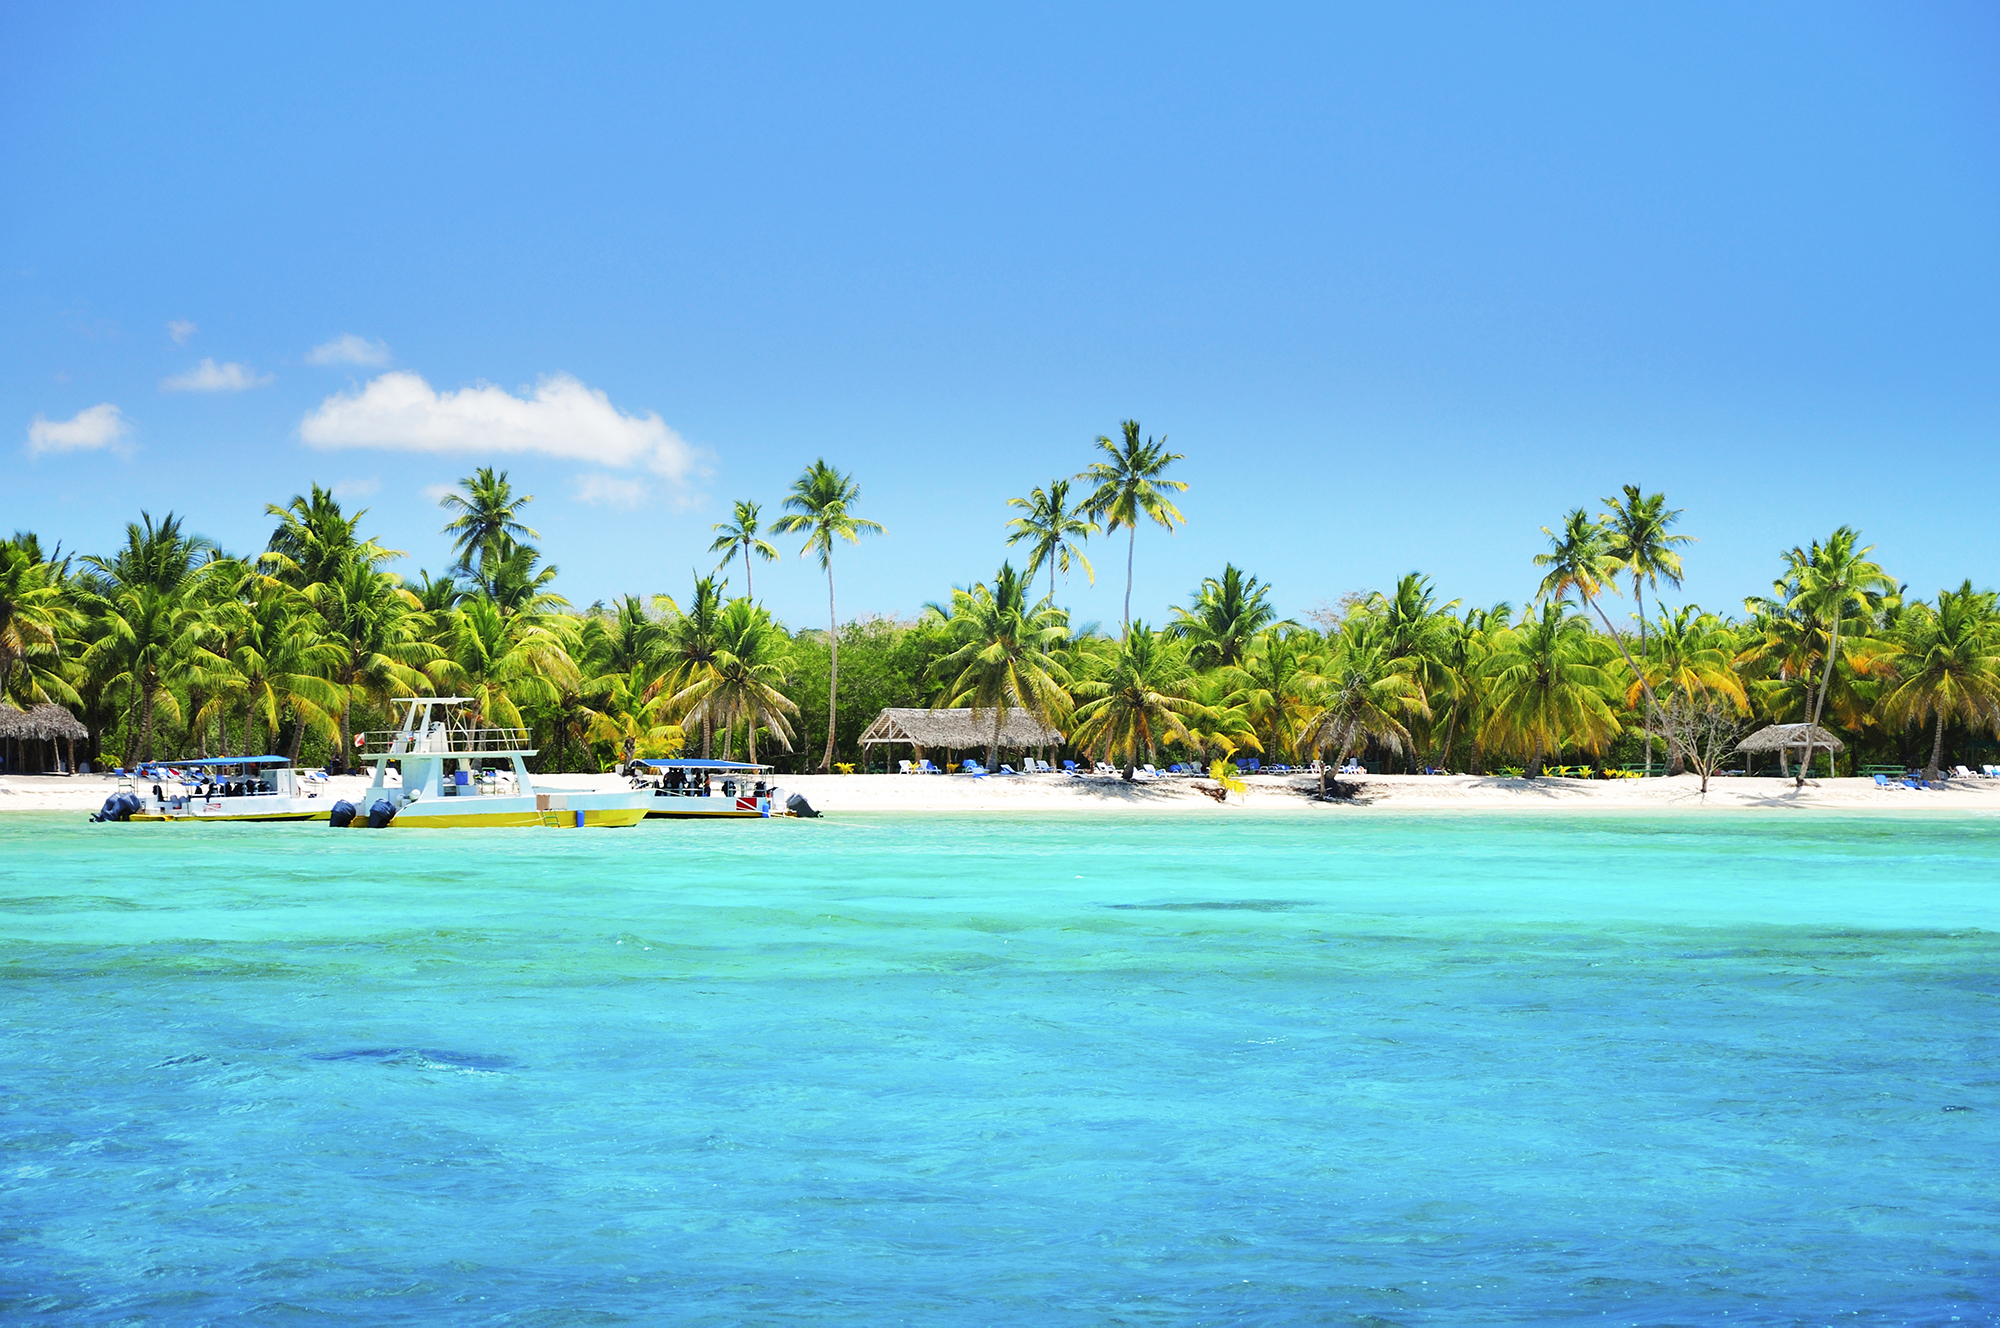 Hotels Dominikanischen Republik Top Hotels Dom Rep Tui Com